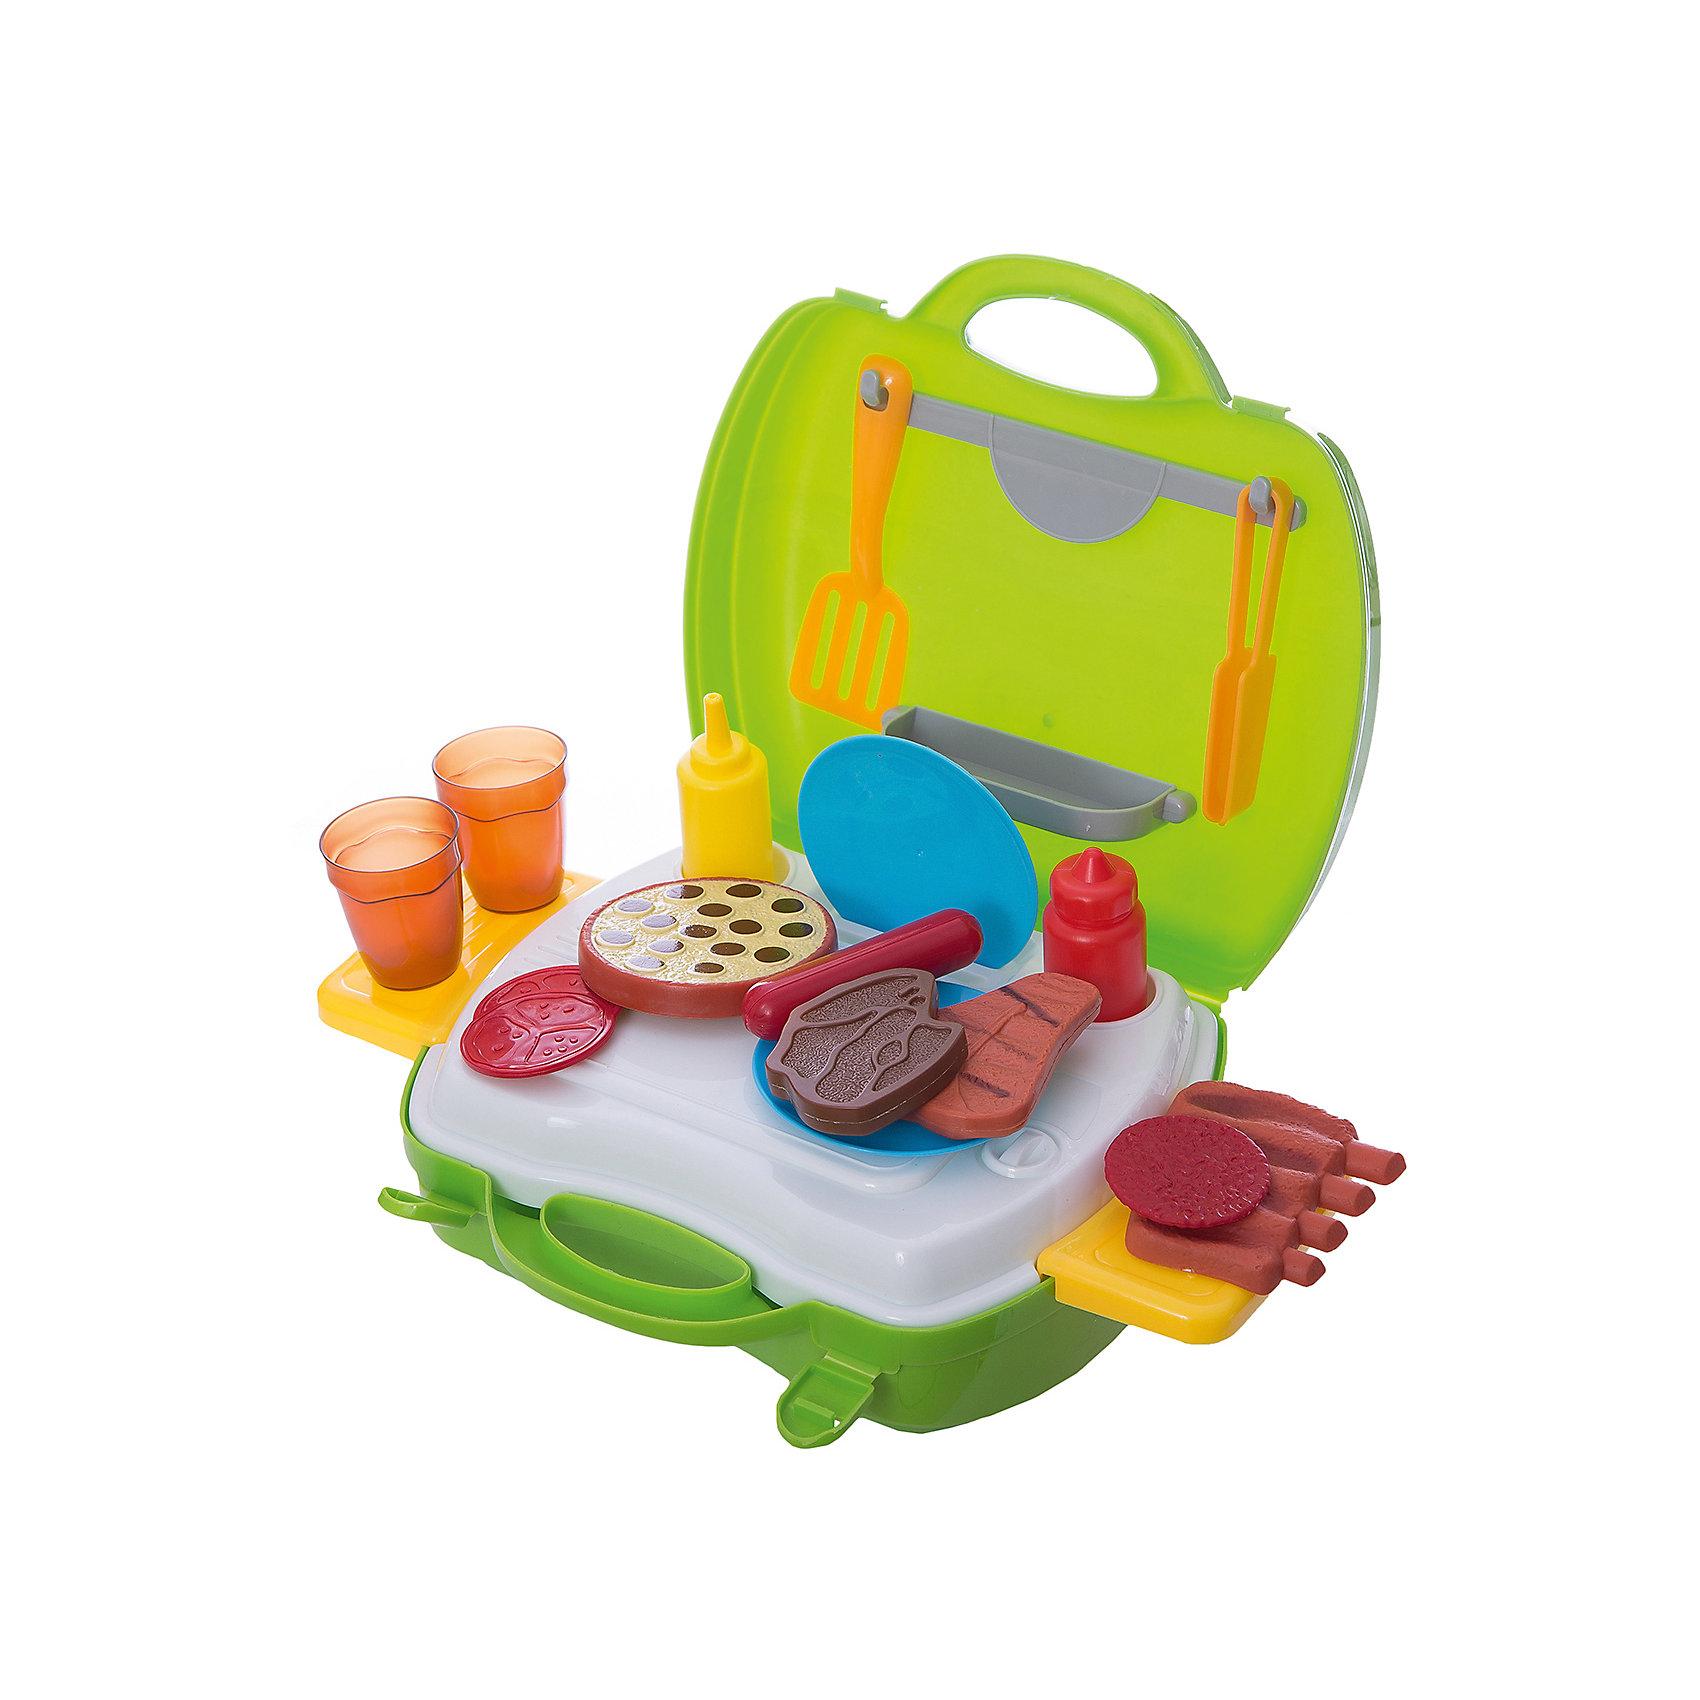 Набор в чемоданчике  Мастер-Шеф Барбекю, 23 предмета, 1toyИгрушечные продукты питания<br>Набор Мастер Шеф. Барбекю поможет ребенку накормить свои игрушки вкусными мясными блюдами. Чемоданчик раскладывается с помощью выдвижных столиков, его можно украсить наклейками. Все предметы из качественных материалов и безопасны для ребенка. Чемоданчик удобно будет взять с собой на пикник и устроить свое барбекю, пока родители готовят. Превосходный набор для начинающего повара!<br><br>Дополнительная информация:<br>В наборе: набор посуды, набор продуктов, наклейки, 2 выдвижных столика<br>Материал: пластик<br>Размер: 24,5х10х22,5 см<br>Вес: 572 грамма<br>Набор Мастер Шеф. Барбекю можно приобрести в нашем интернет-магазине.<br><br>Ширина мм: 225<br>Глубина мм: 100<br>Высота мм: 245<br>Вес г: 572<br>Возраст от месяцев: 24<br>Возраст до месяцев: 120<br>Пол: Унисекс<br>Возраст: Детский<br>SKU: 4953631